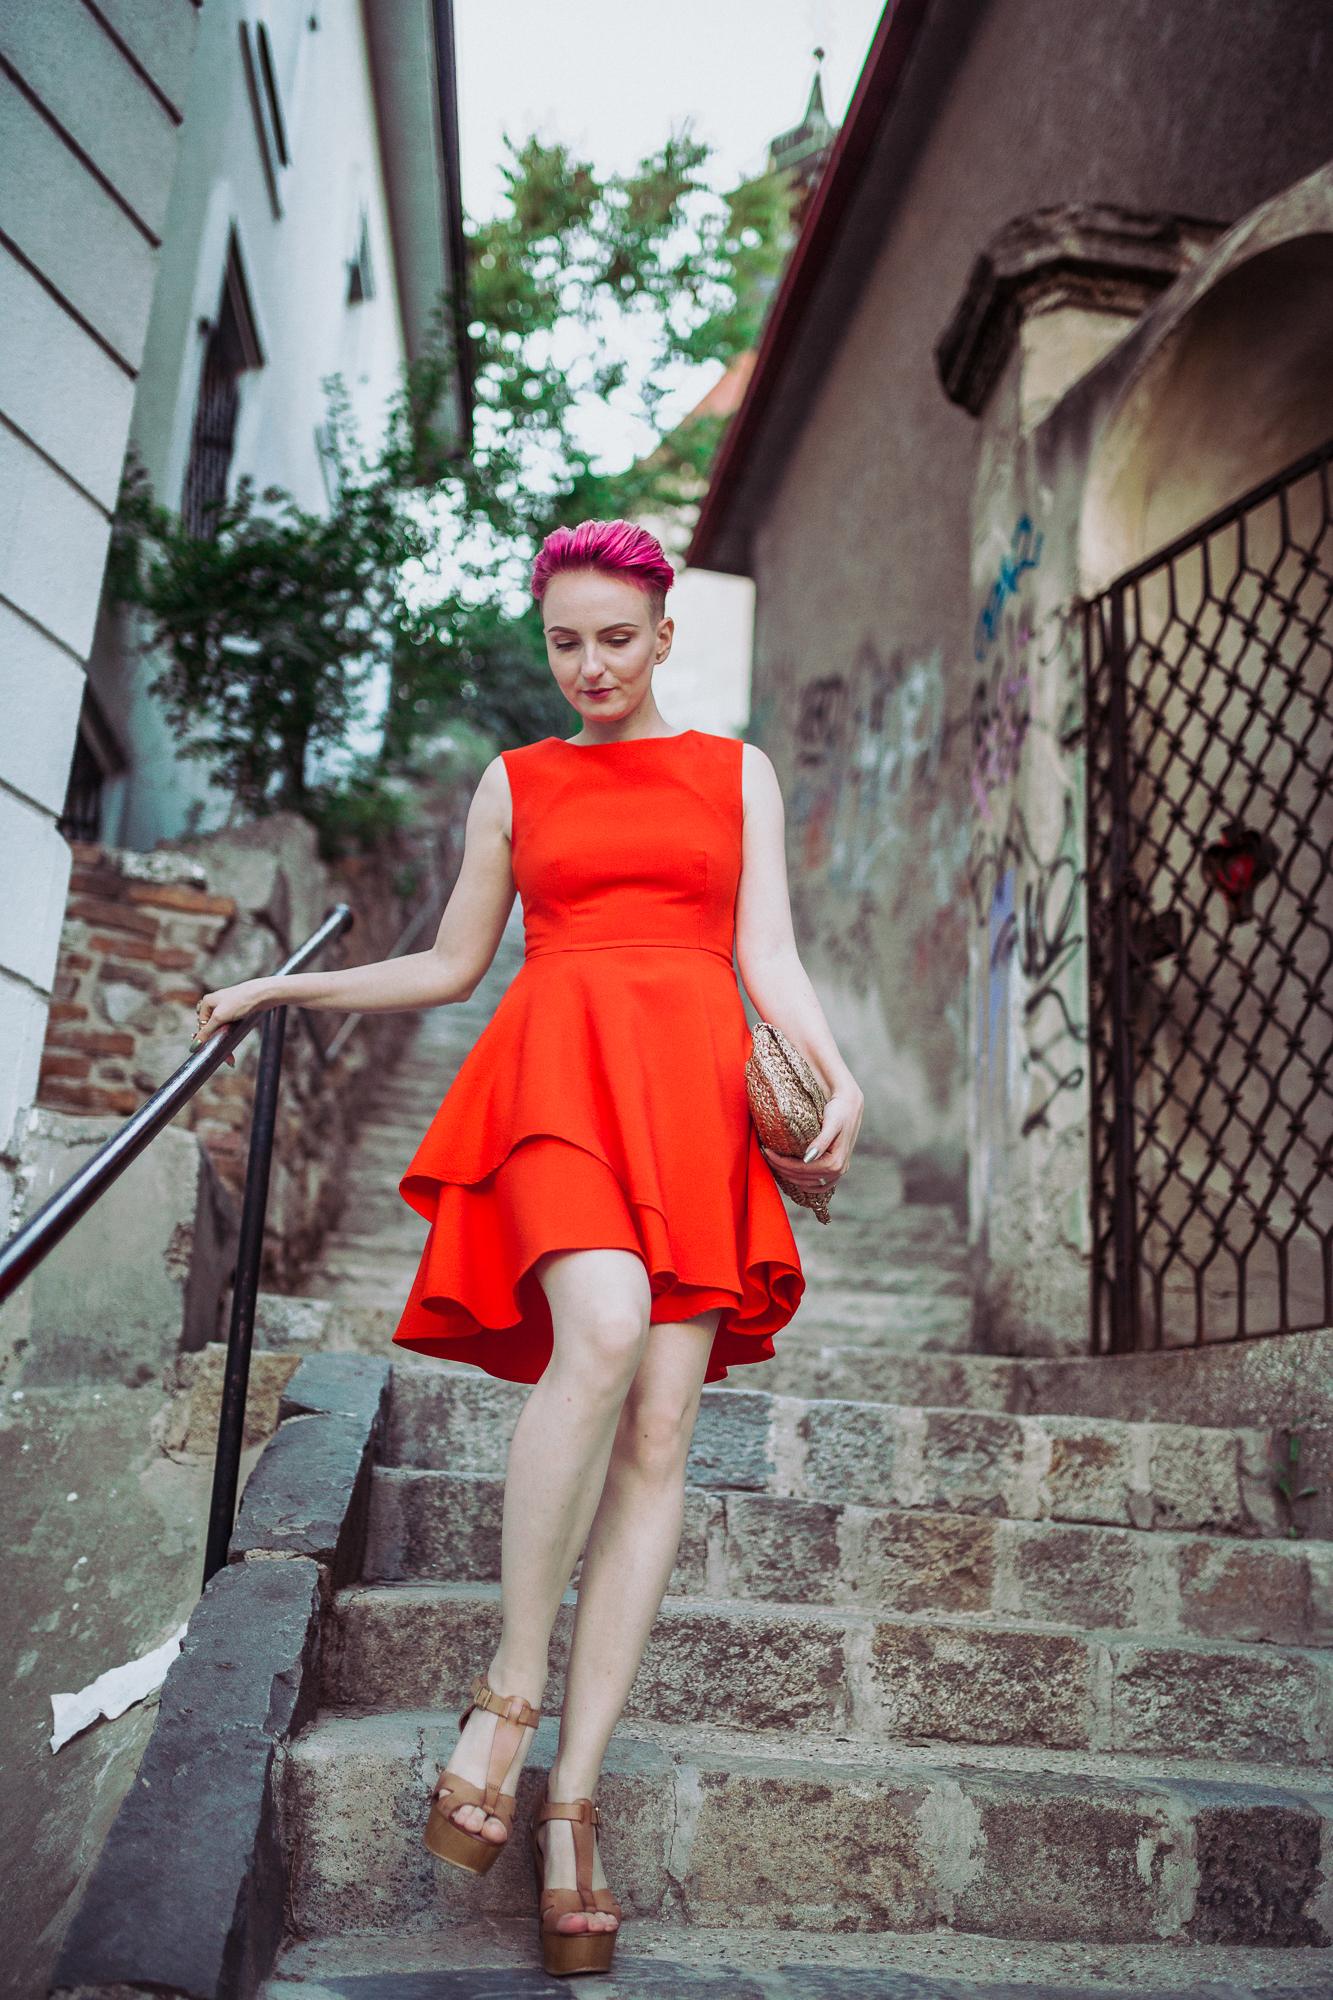 oranžové šaty a ružové vlasy